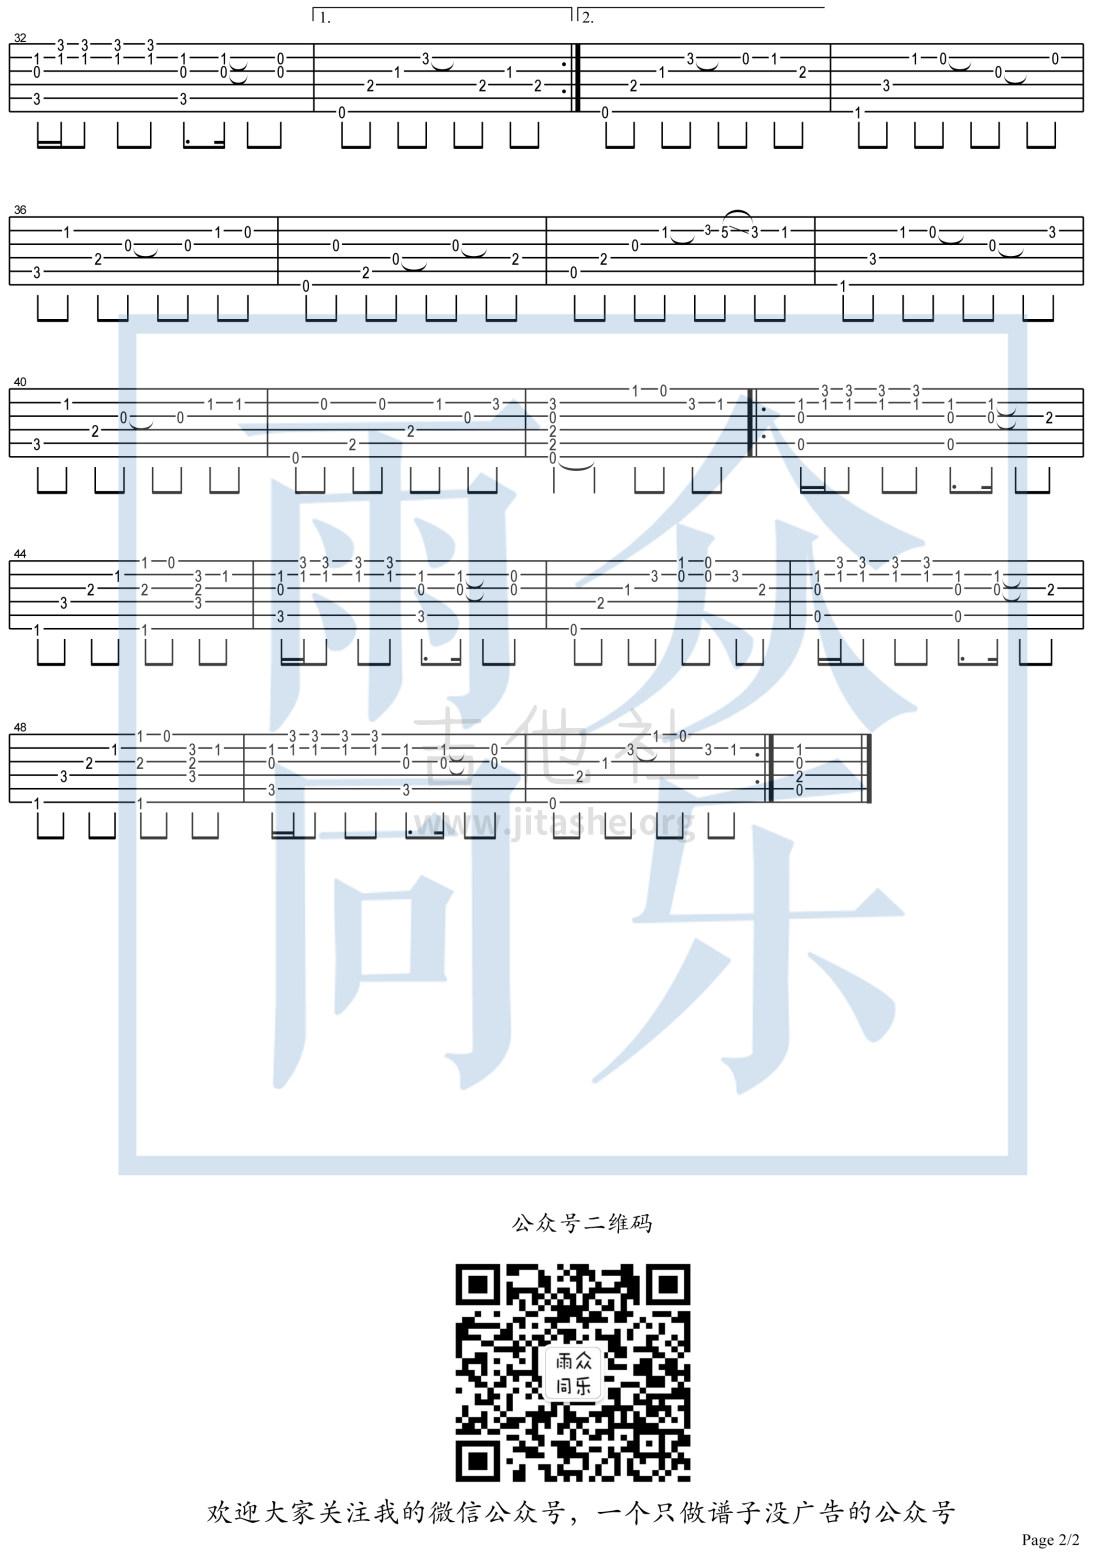 光年之外吉他谱(图片谱,指弹,独奏)_邓紫棋(G.E.M.;邓紫棋)_光年之外-2.jpg